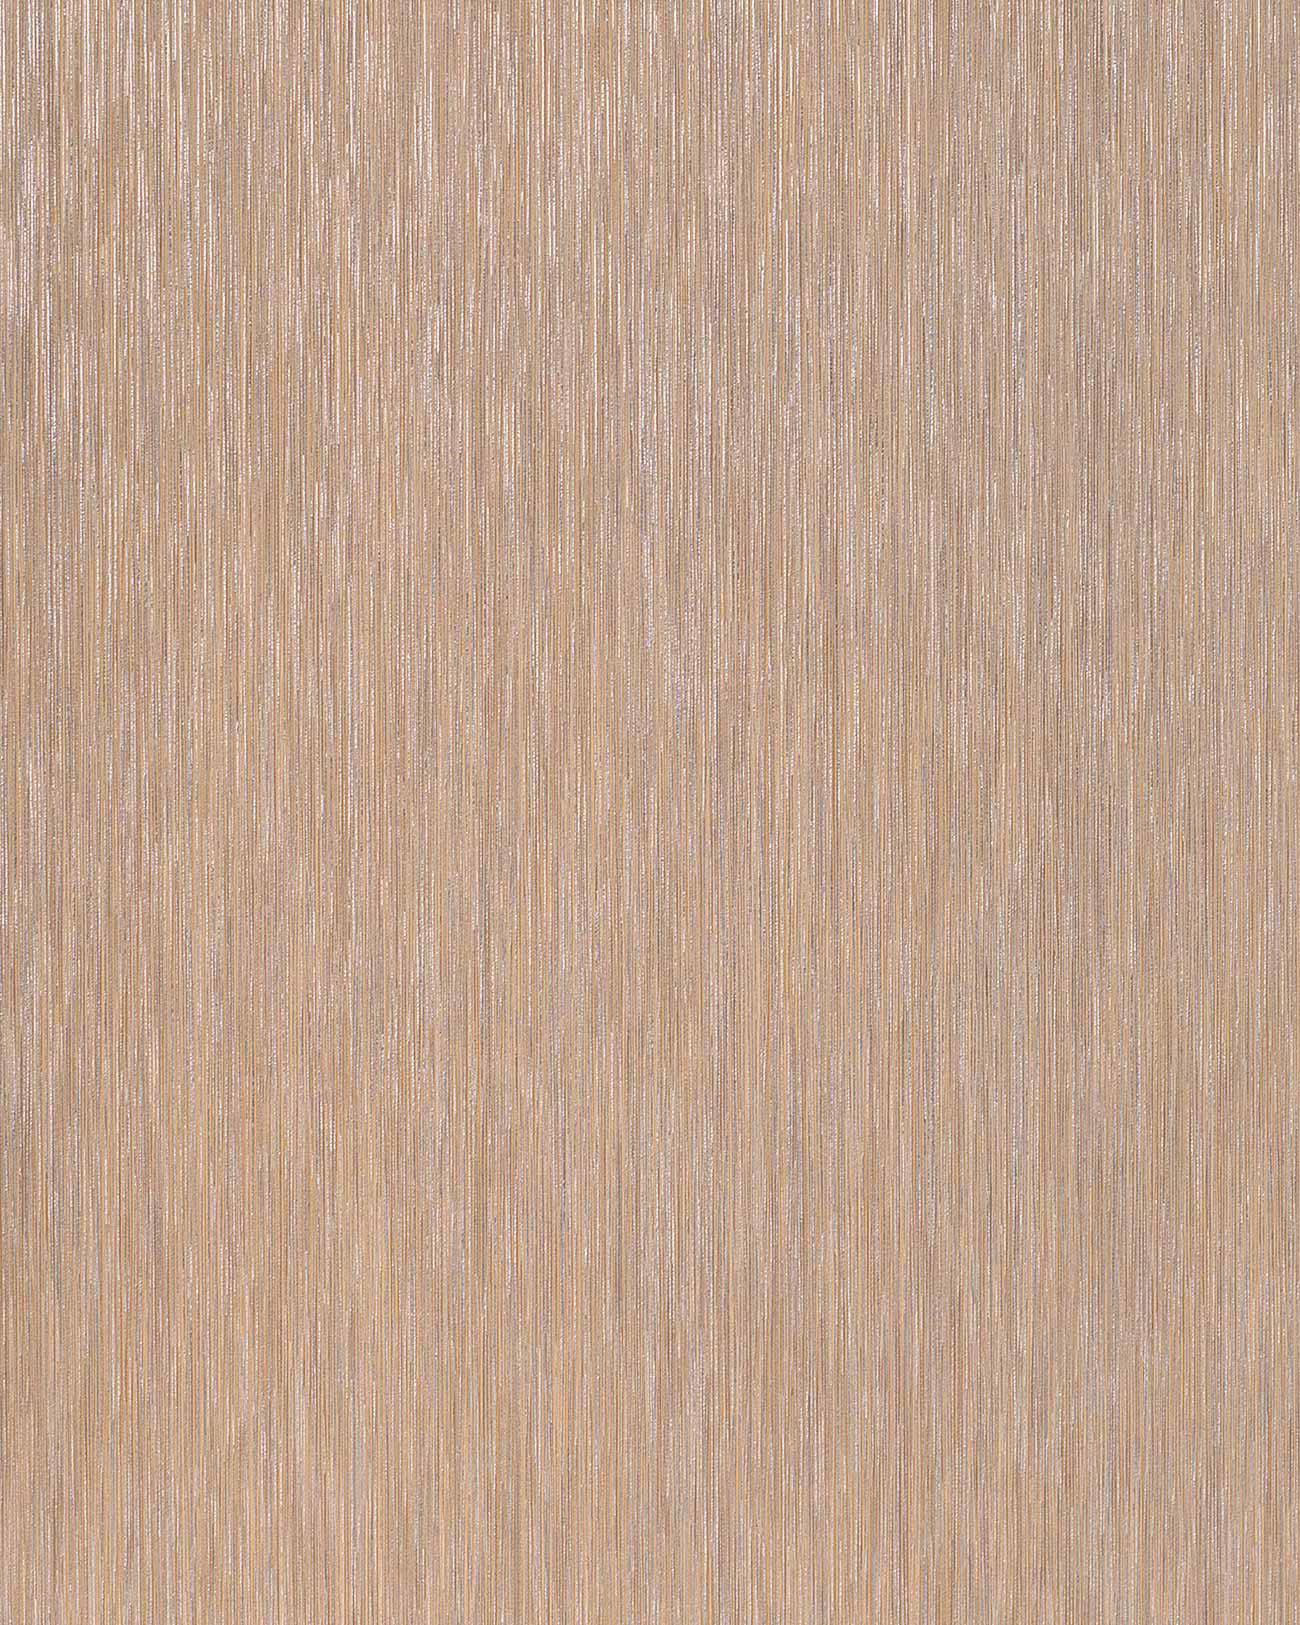 Antraciet Badkamer Tegel ~ Designbehang goed afwasbaar EDEM 1020 13 reli?f strepen structuur ton